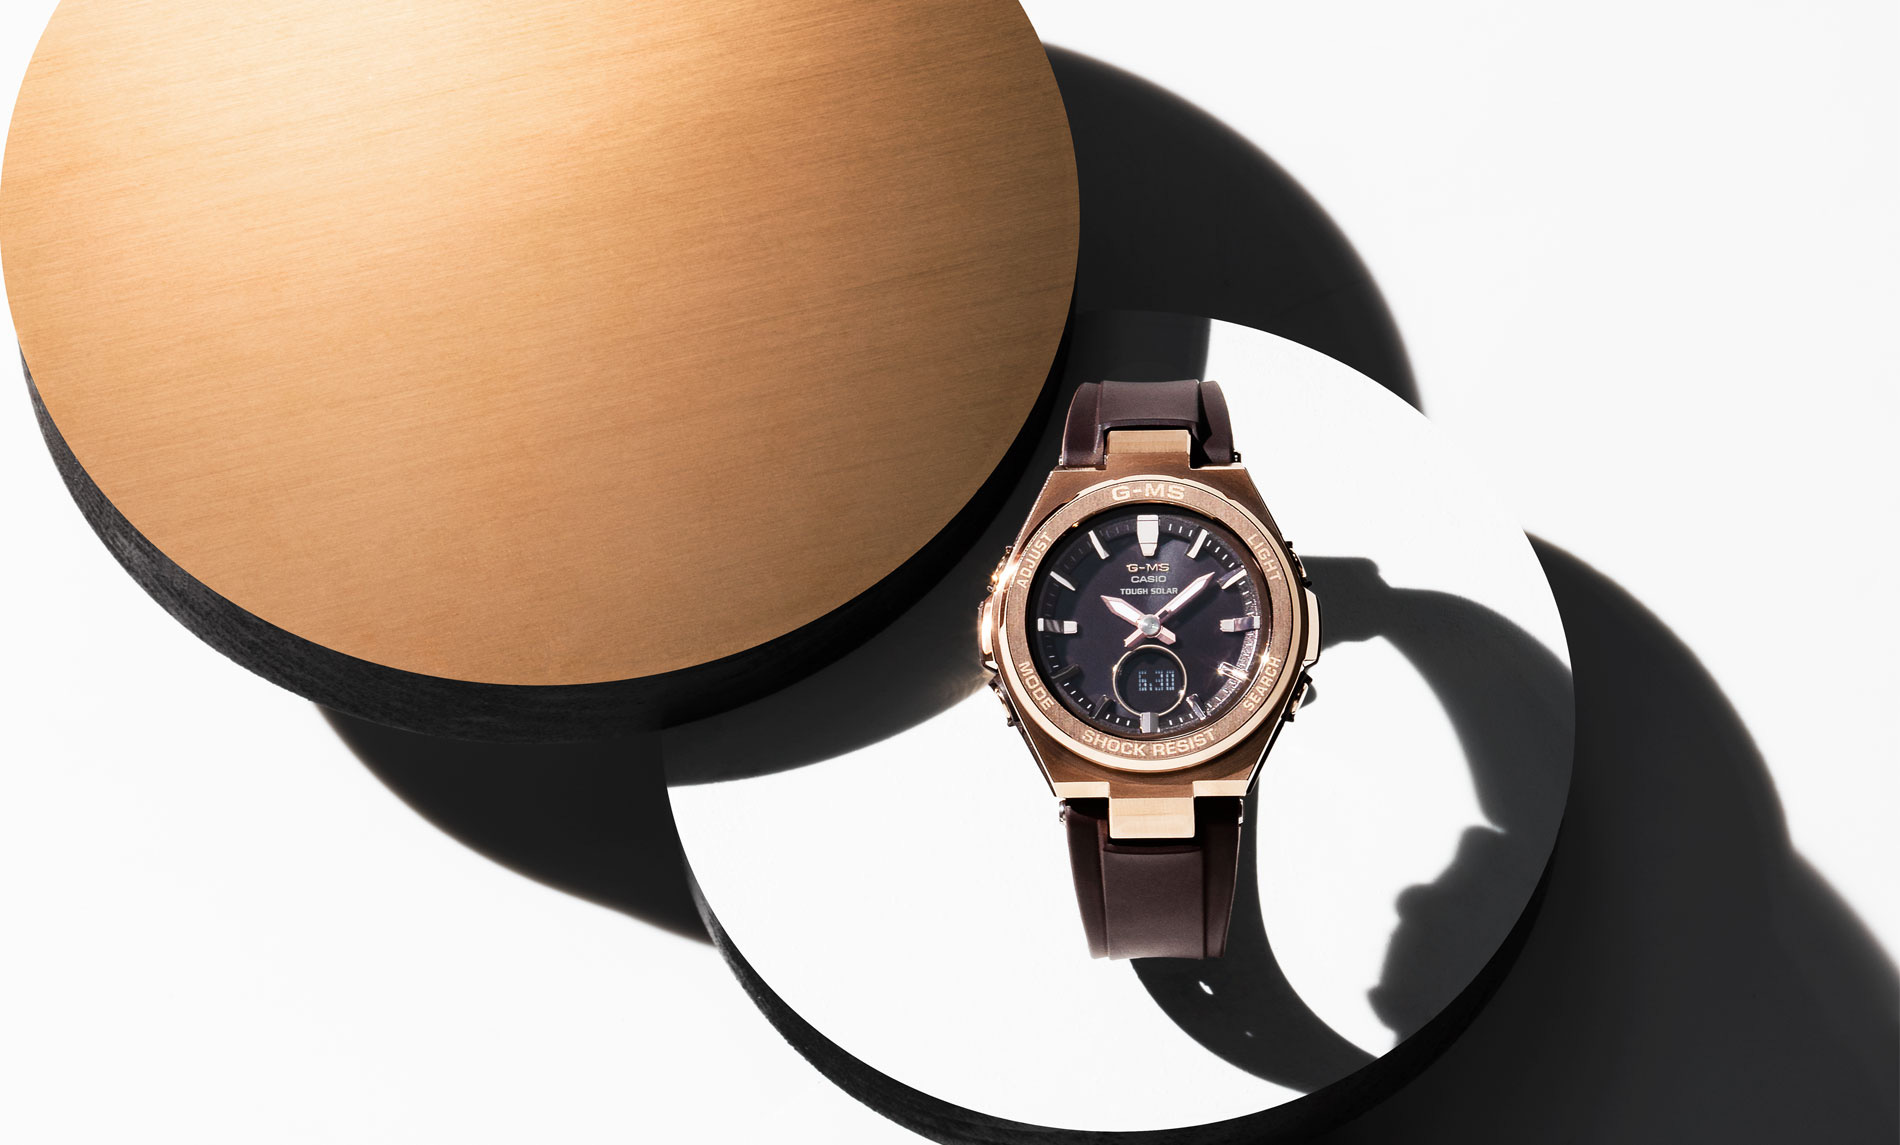 """Đồng hồ Casio cho cô gái """"trưởng thành"""": Mix theo phong cách đường phố hay quý cô đều cực """"chất"""" - Ảnh 6."""